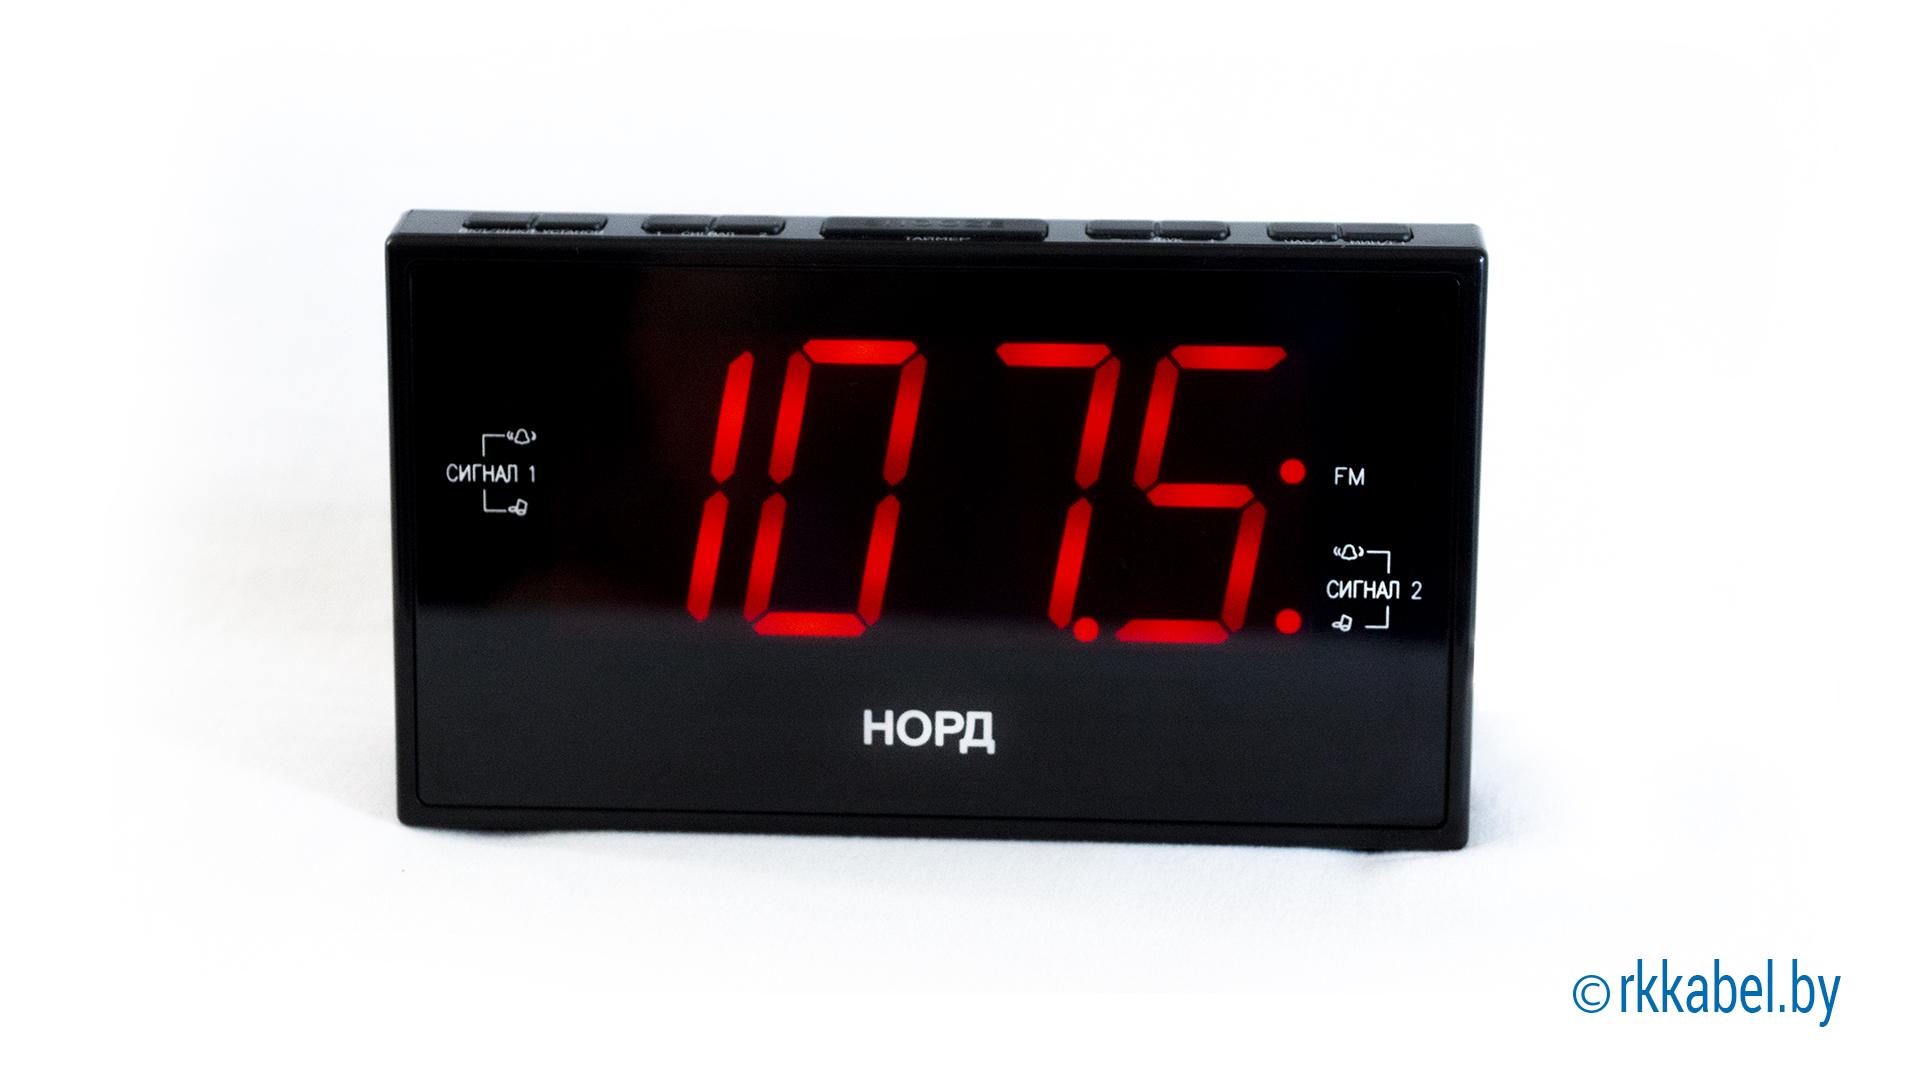 Приемник радиовещательный НОРД купить в Минске, цена, характеристики